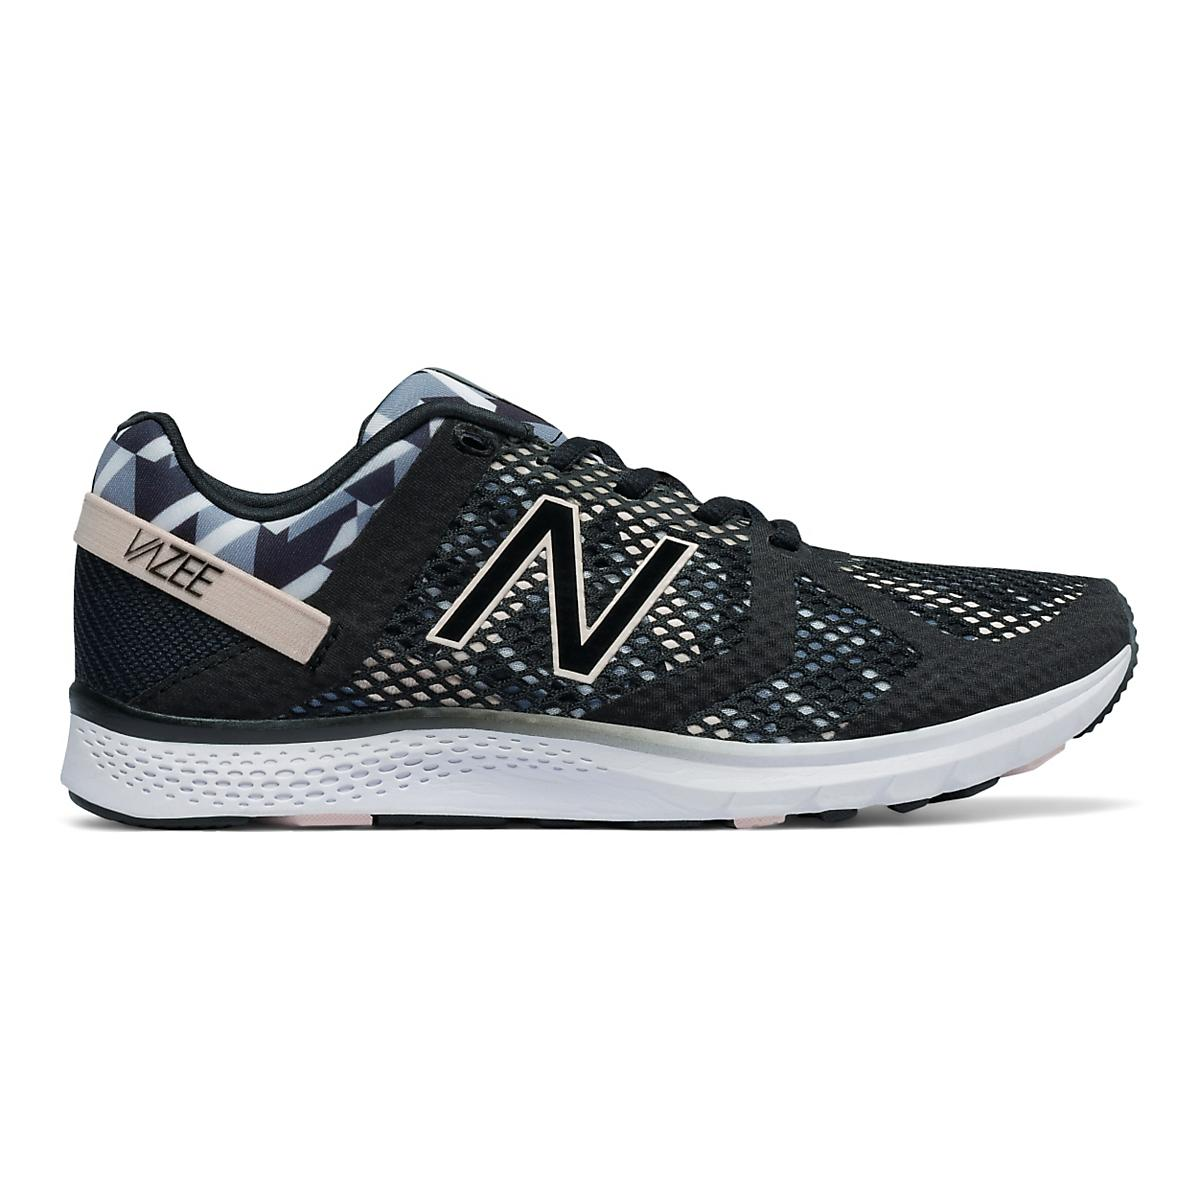 Roadrunner Brooks Running Shoes